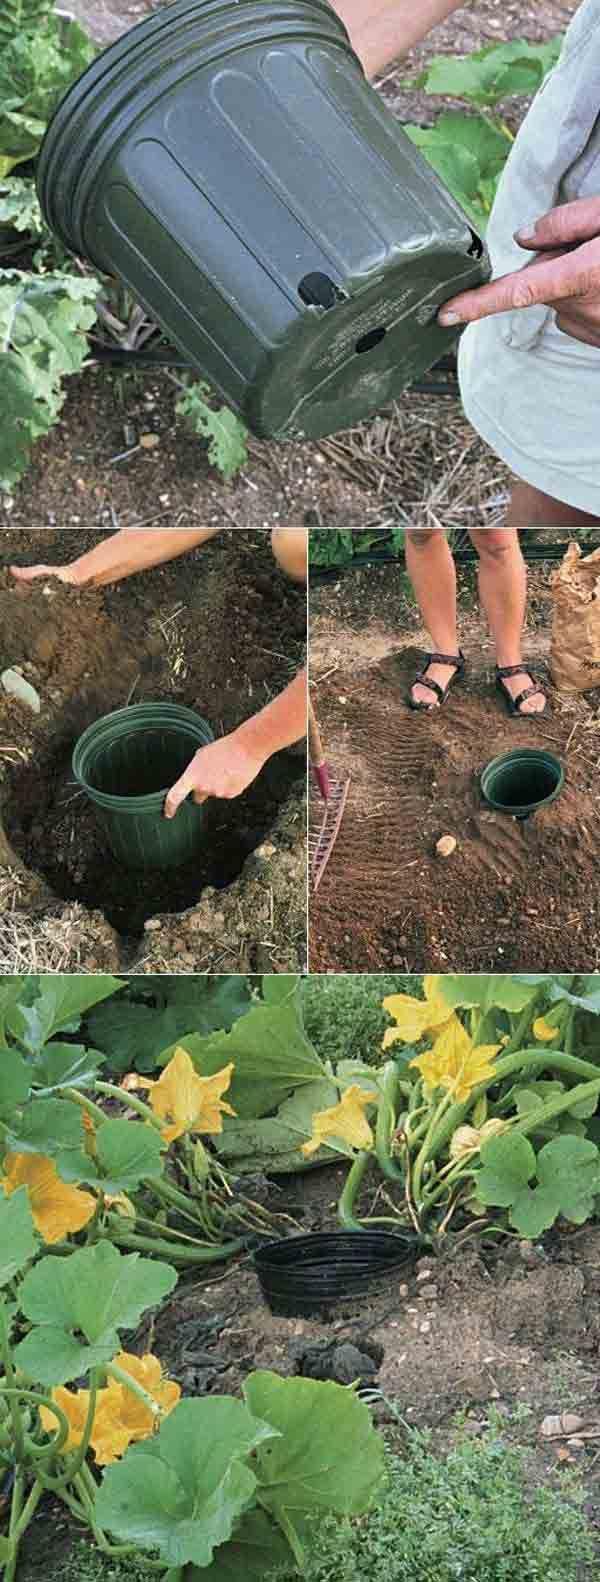 AD-Gardening-Tips-14